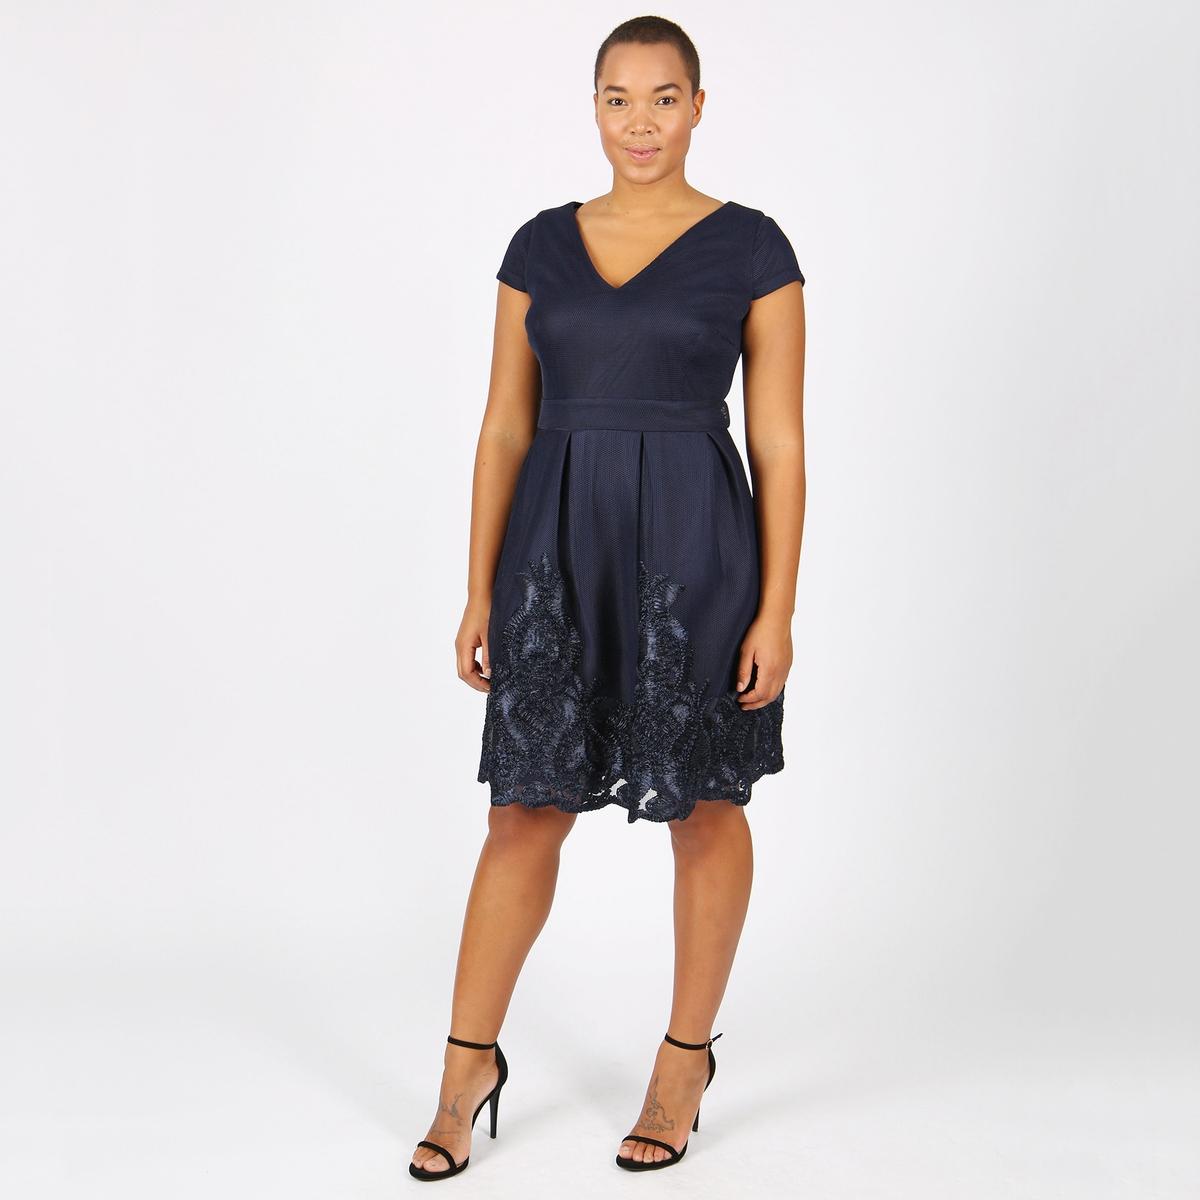 Платье однотонное средней длины, расширяющееся книзуОписание:Детали •  Форма : расклешенная •  Длина до колен •  Короткие рукава    •   V-образный вырезСостав и уход •  100% полиэстер •  Следуйте рекомендациям по уходу, указанным на этикетке изделияТовар из коллекции больших размеров<br><br>Цвет: темно-синий